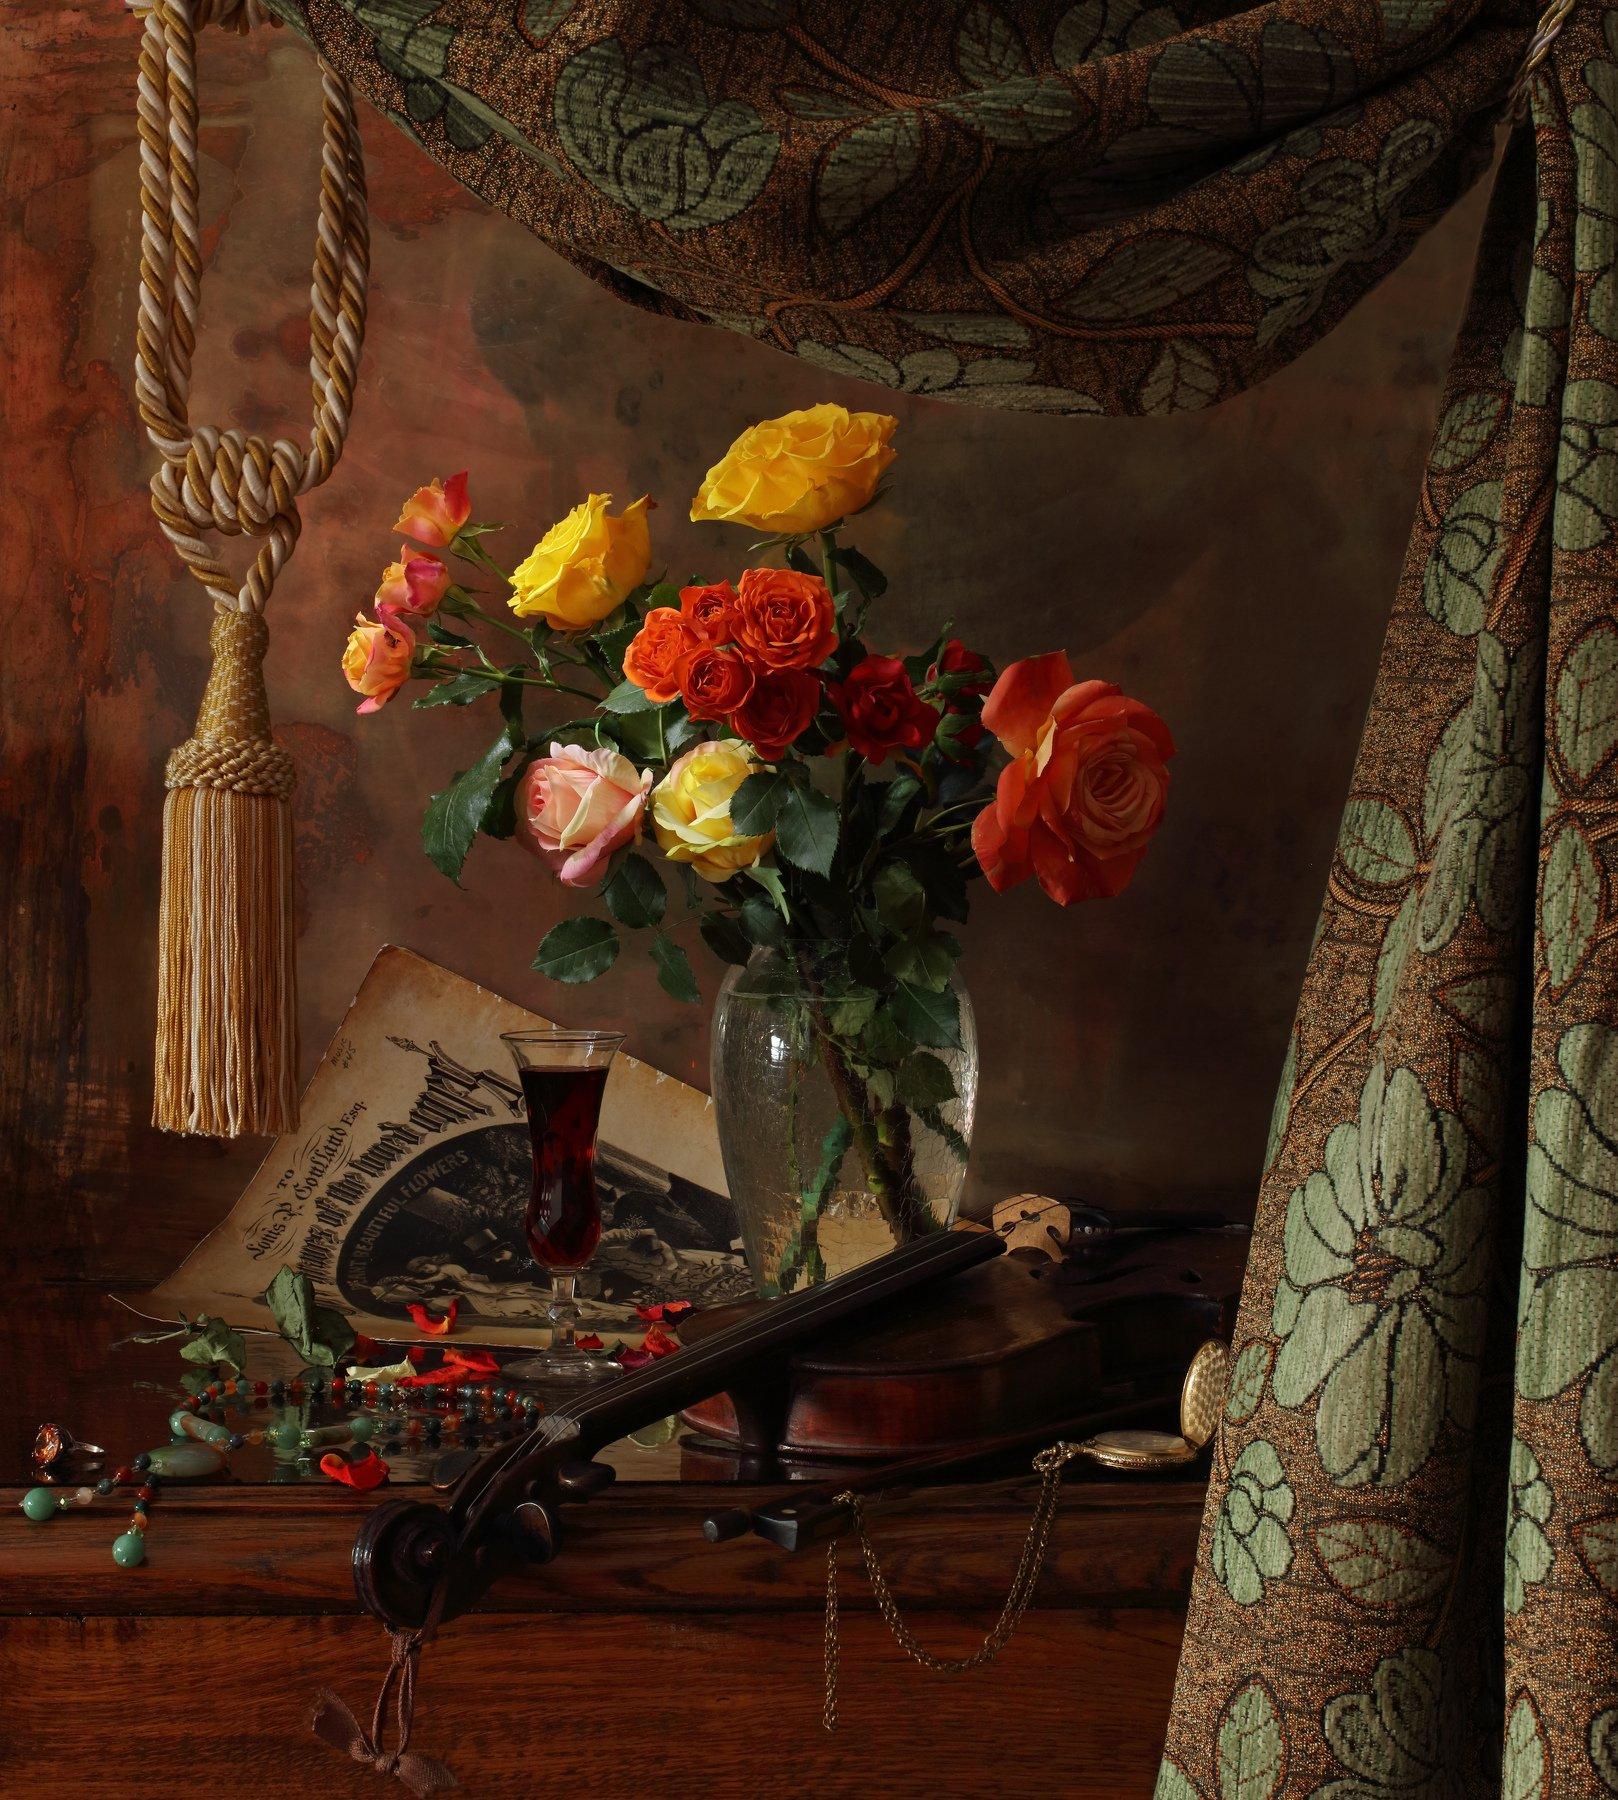 скрипка, музыка, цветы, розы, Андрей Морозов